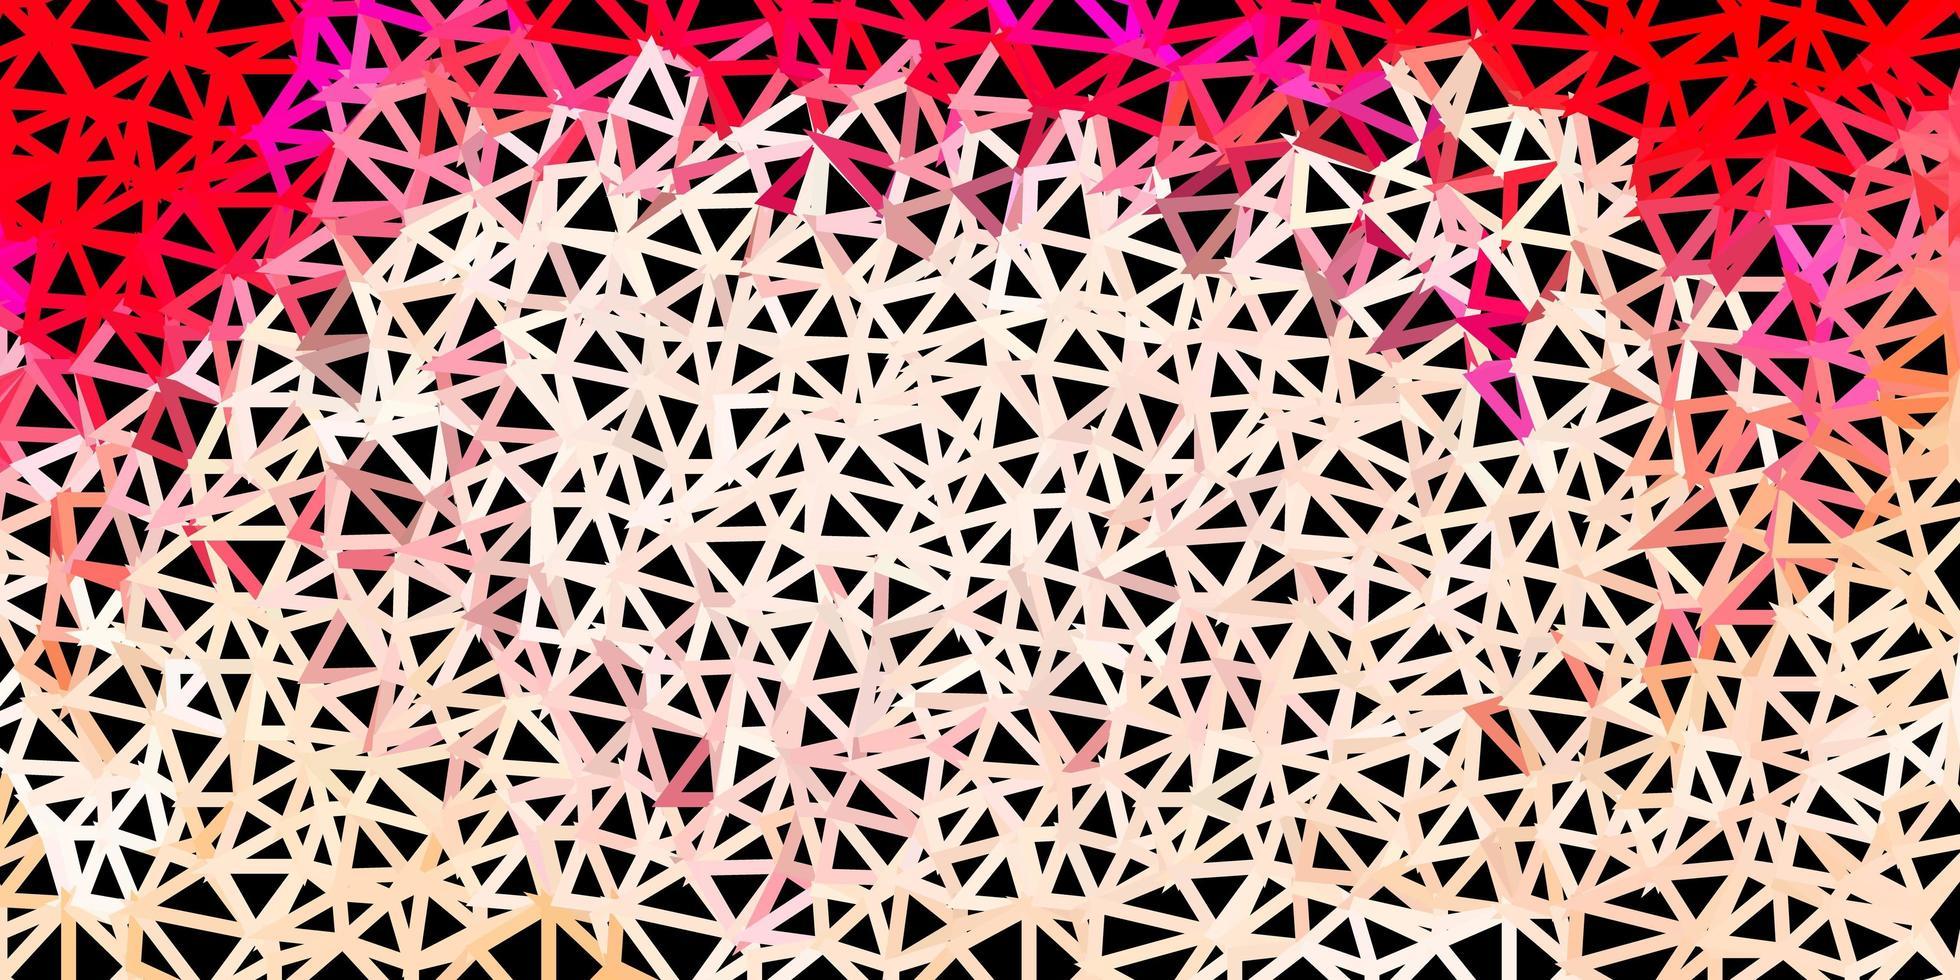 diseño de triángulo de poli rojo claro. vector